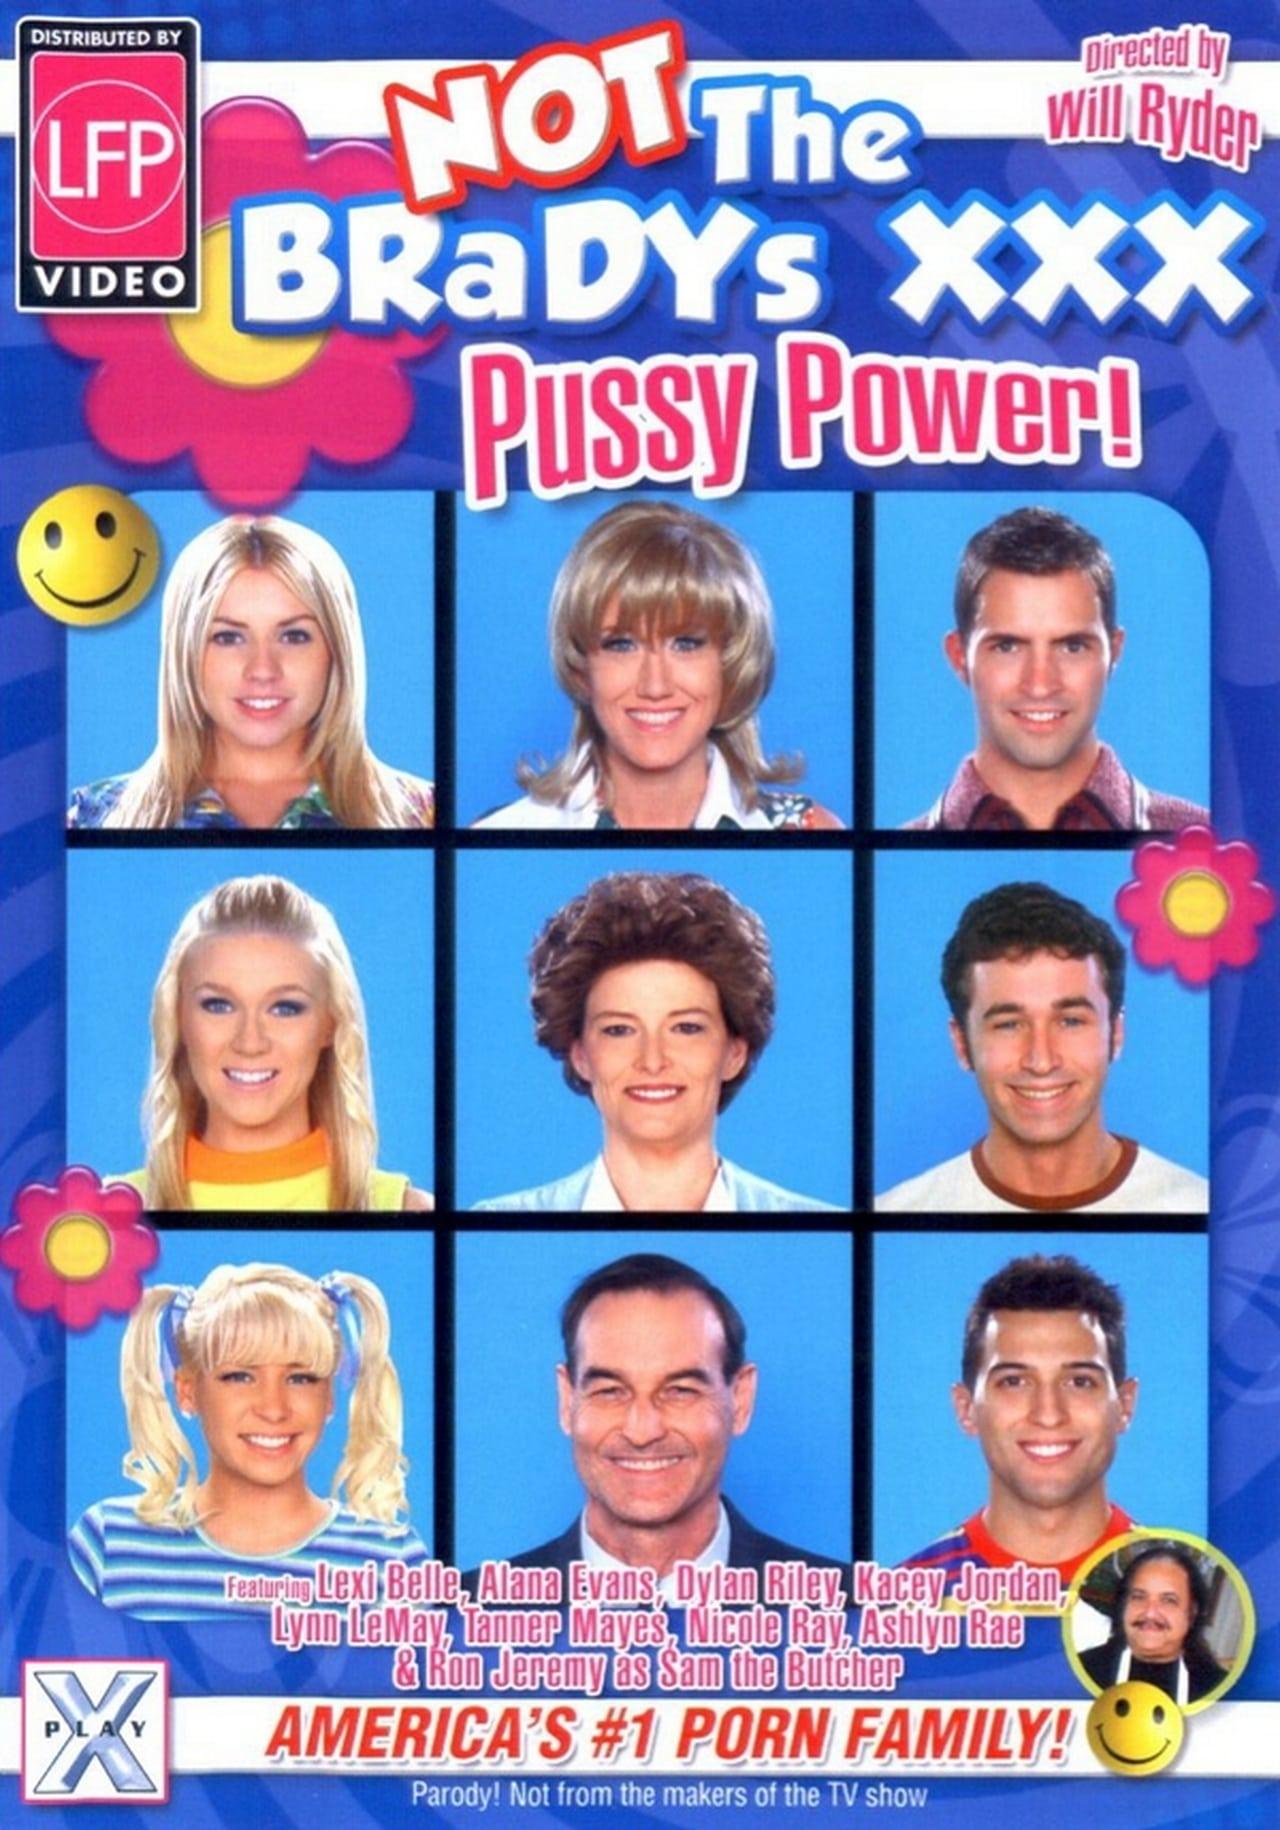 Not the Bradys XXX: Pussy Power!